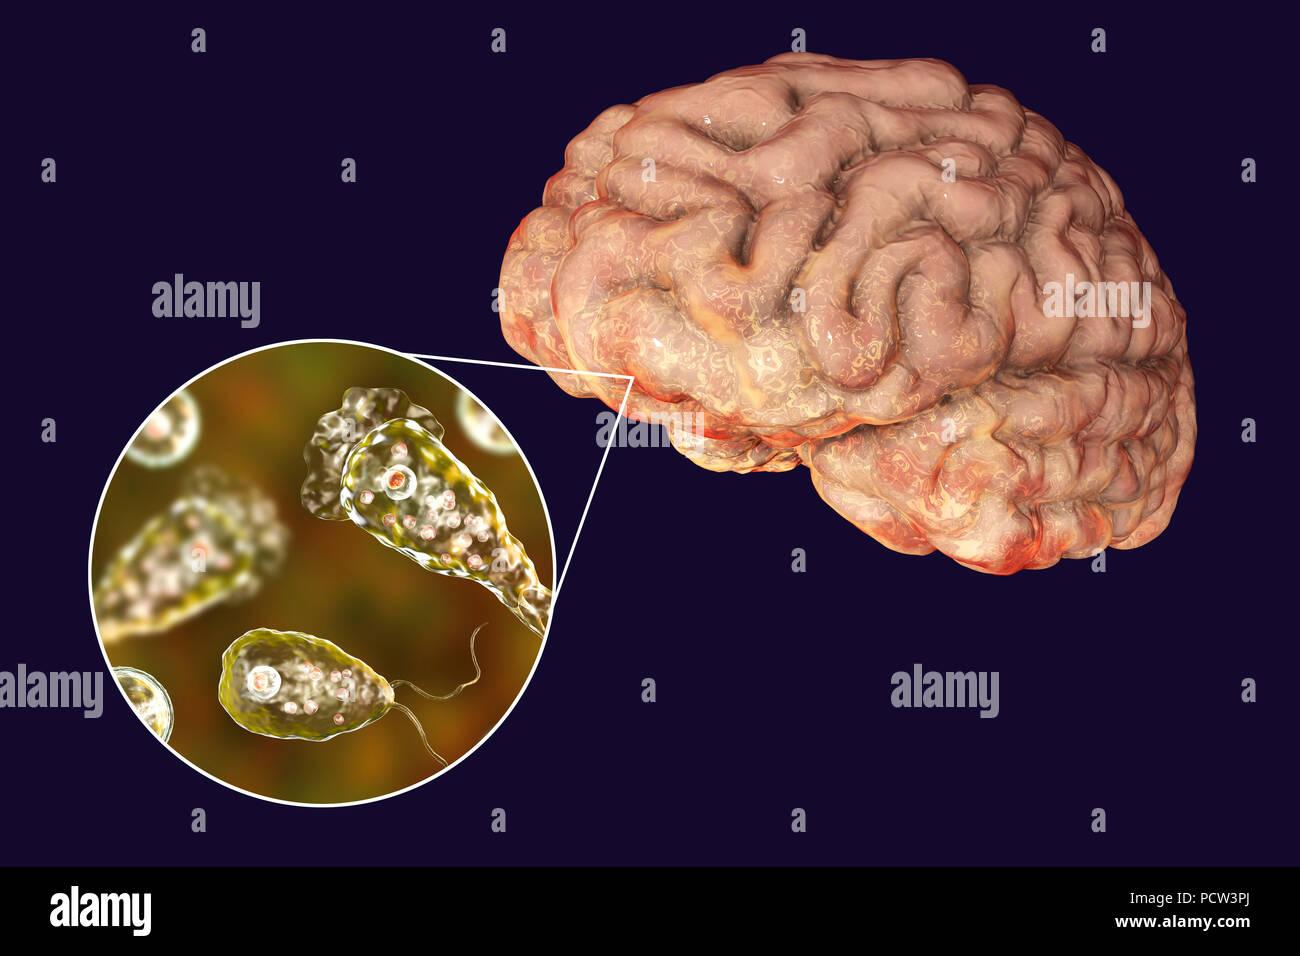 Gehirn - essen Amöbe Infektion. Computer Abbildung: Naegleria ...